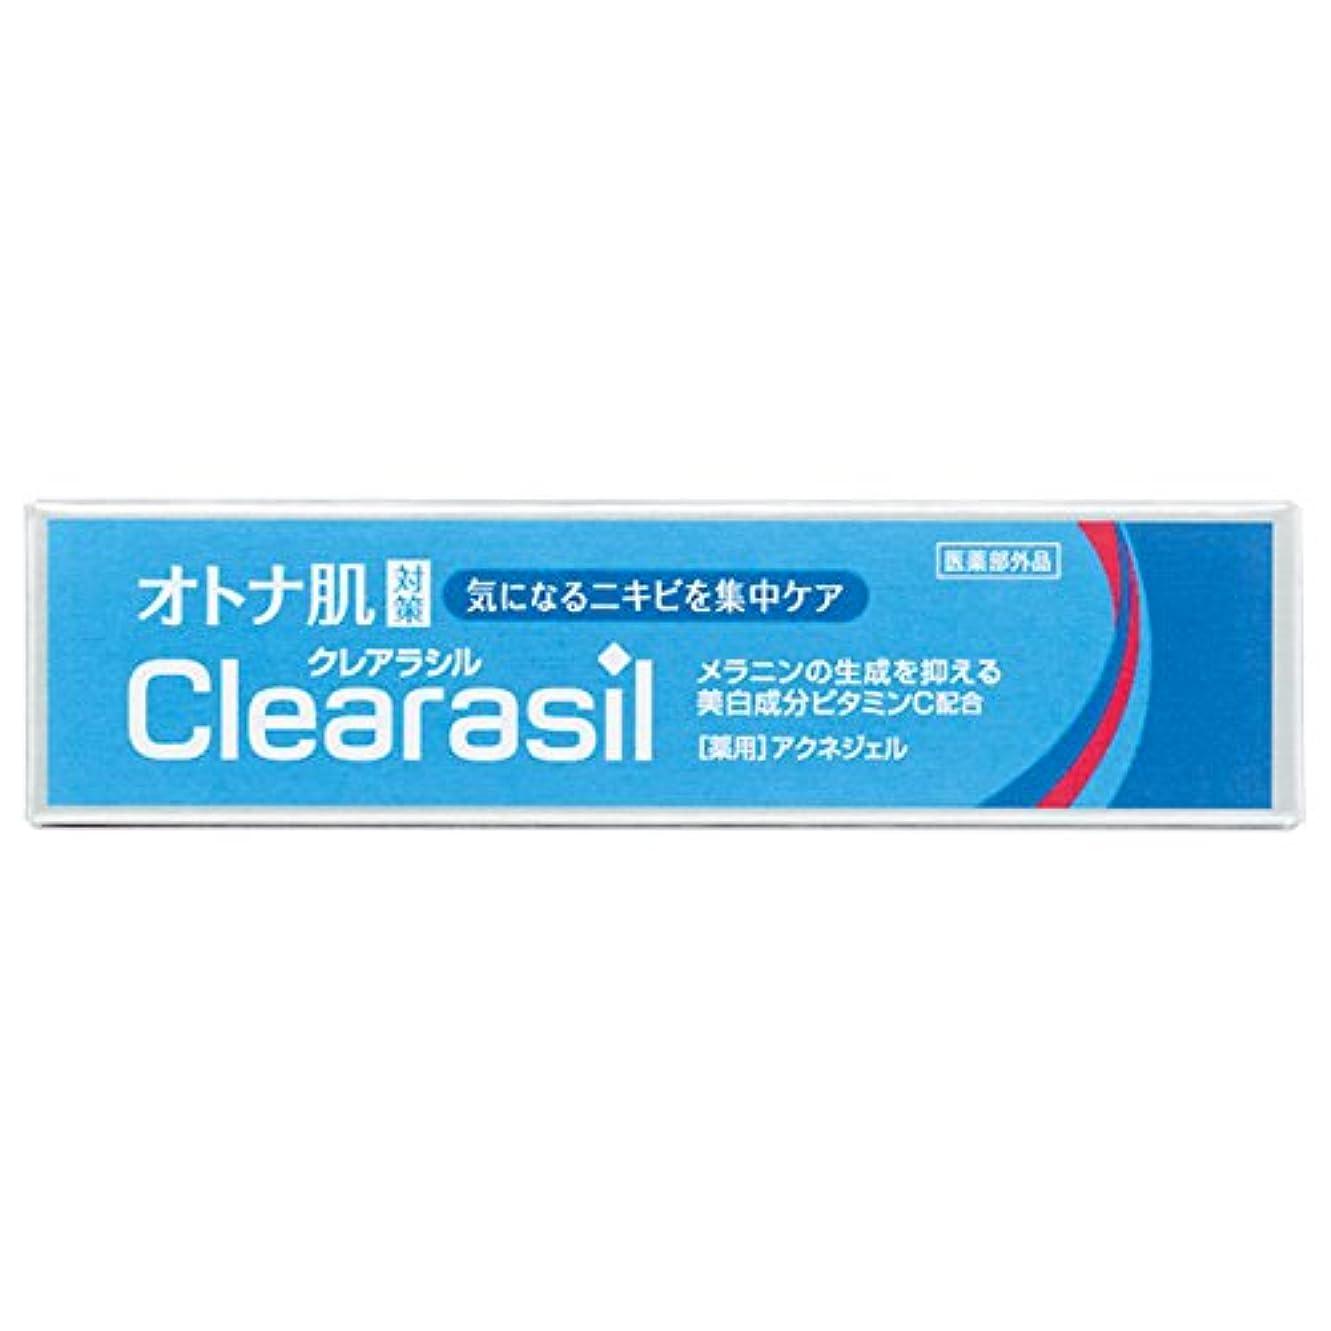 カッター妥協系統的【医薬部外品】クレアラシル オトナ肌対策 14G